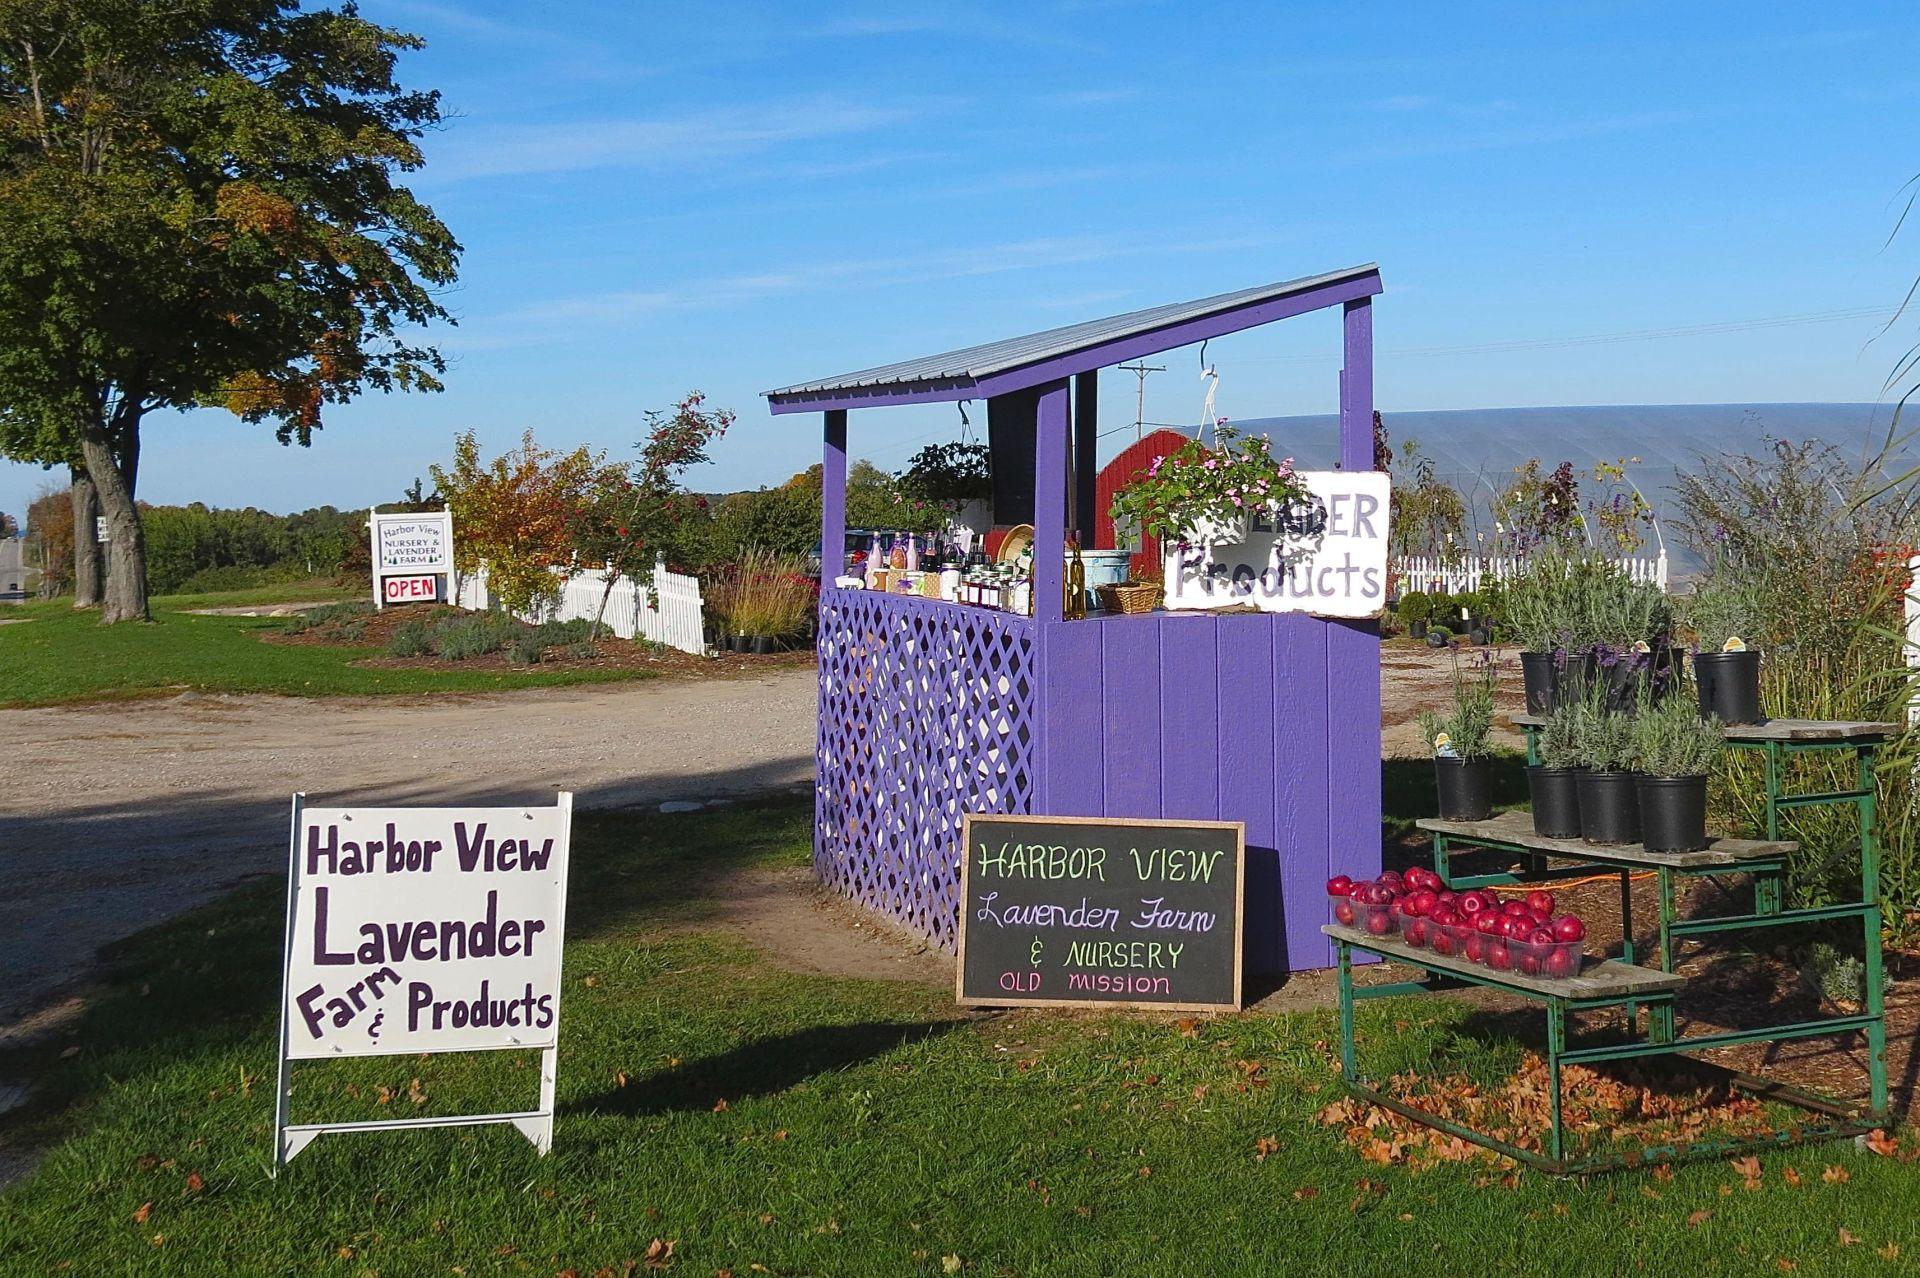 Lavender Roadside Stand